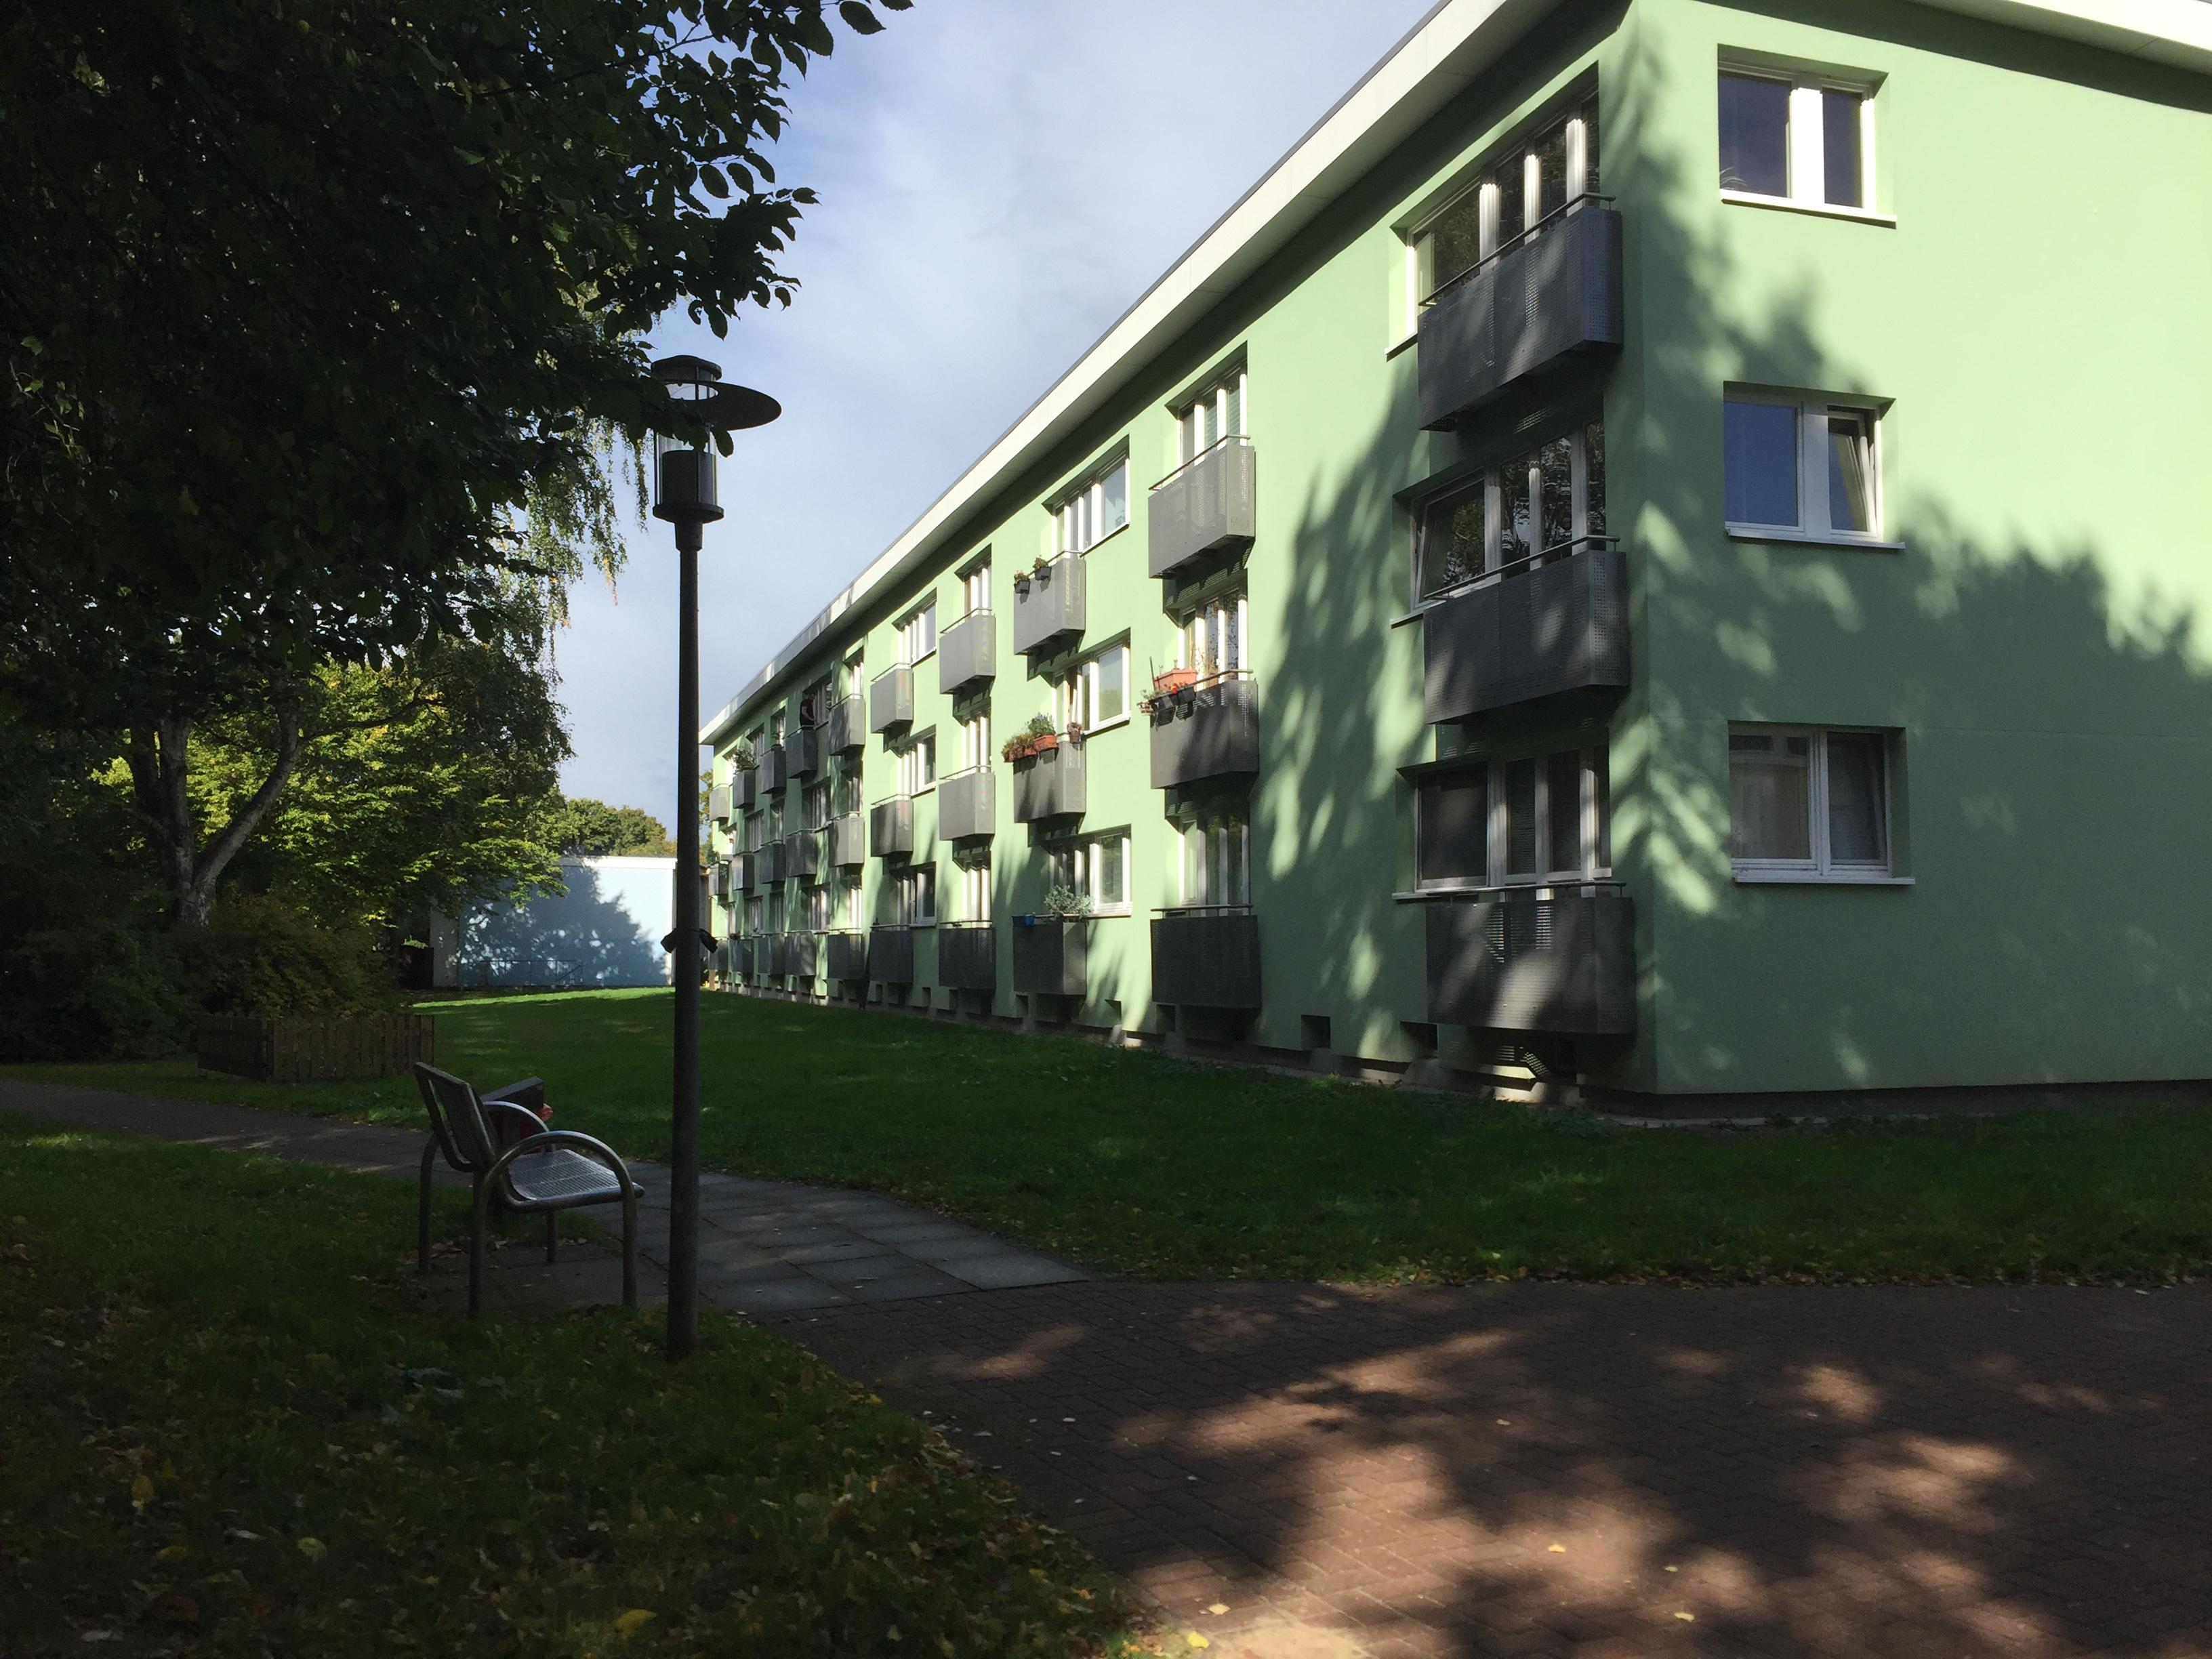 Gartenstadt Farmsen – eine Siedlung mit sozialem Anspruch